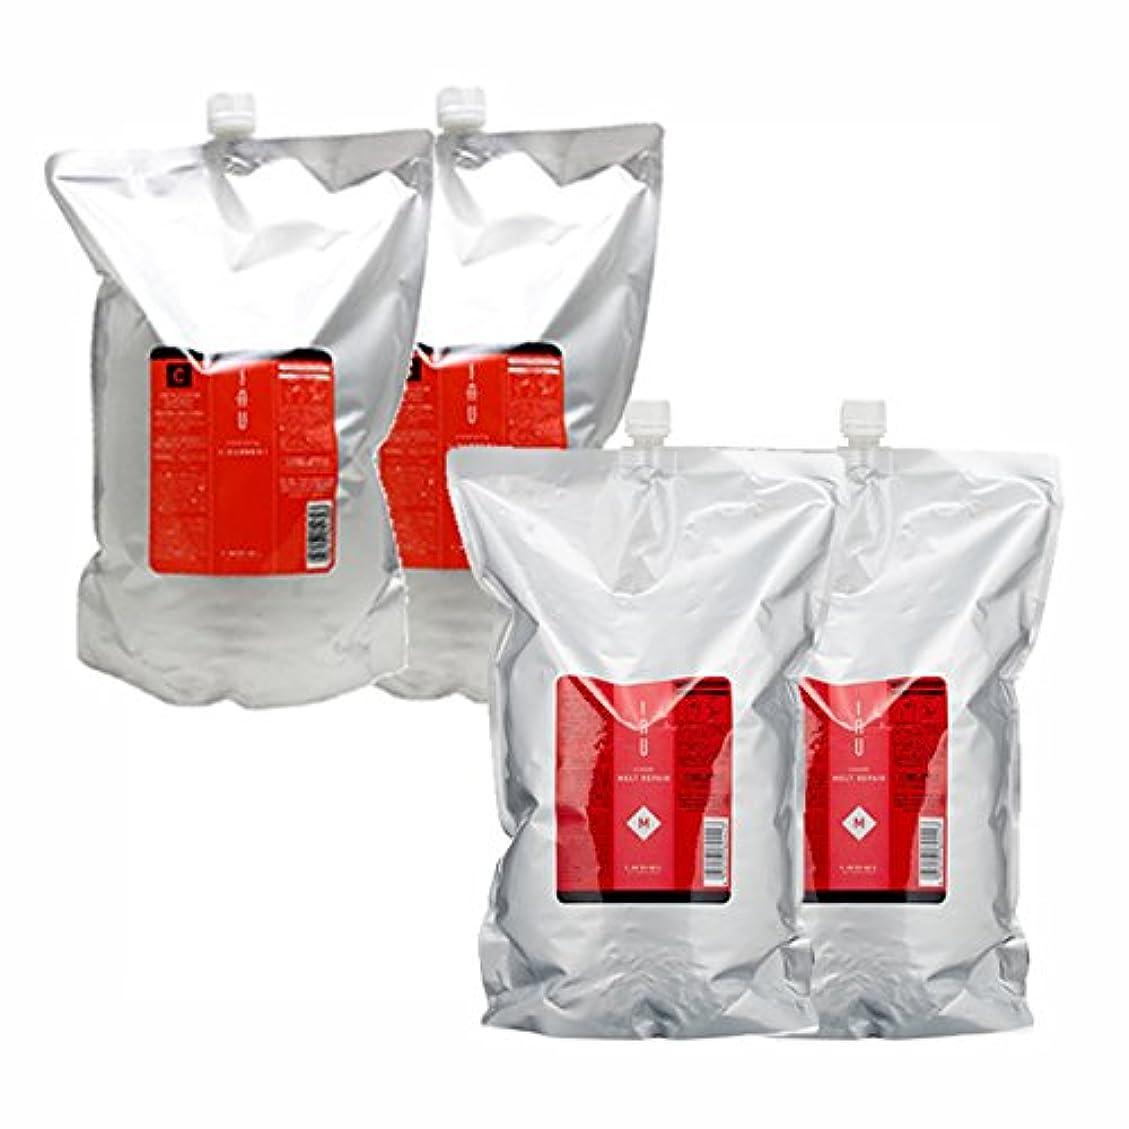 ボトル額滅びるルベル イオ クレンジング ( クリアメント & クリアメント ) + クリーム ( メルトリペア & メルトリペア ) 詰め替え2500mLサイズ 4点セット